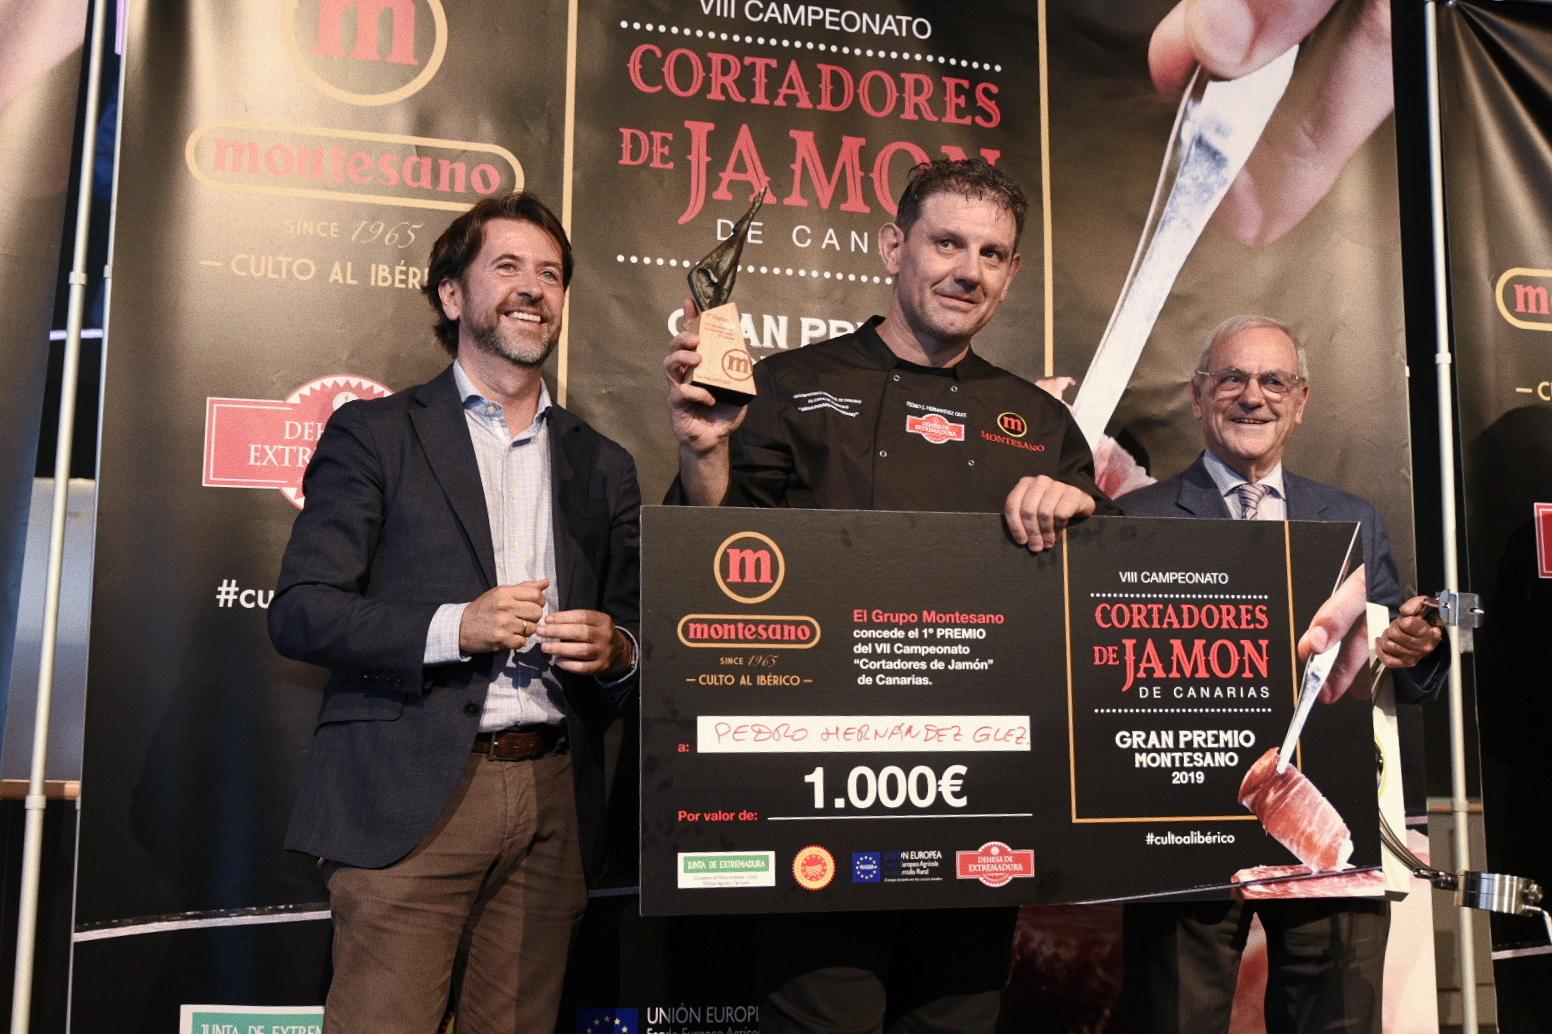 El tinerfeño Pedro Hernández, vencedor del VIII Campeonato de Canarias Absoluto de Corte de Jamón - Gran Premio Grupo Montesano